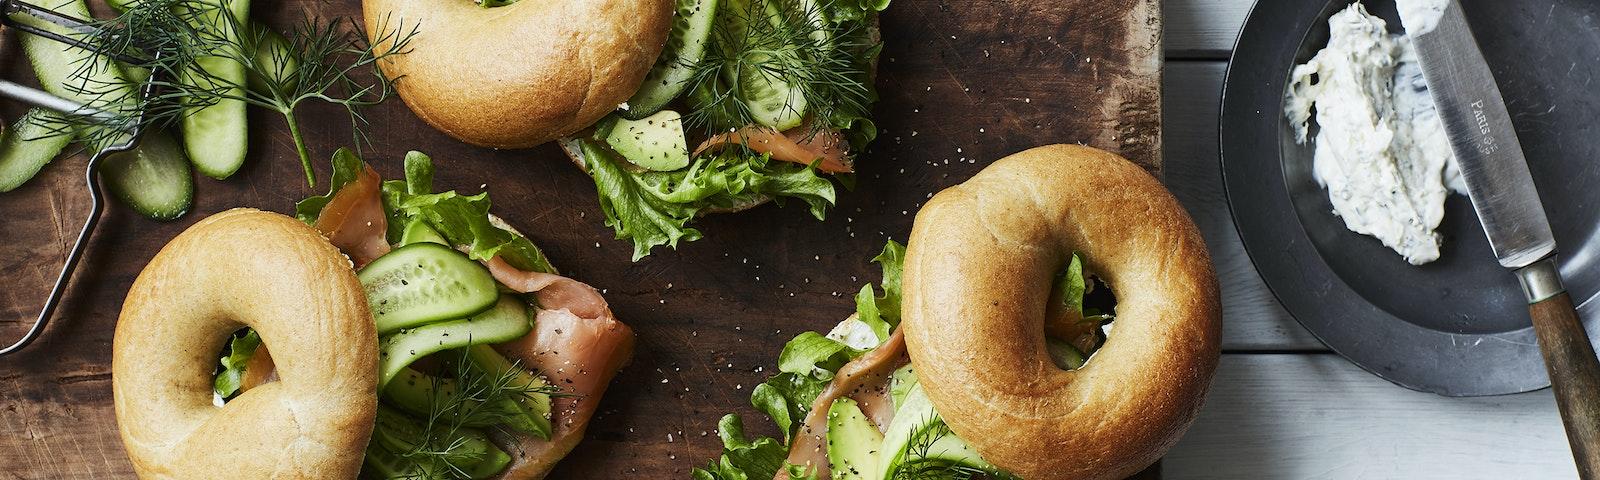 Bagels med røget laks, avocado & agurk